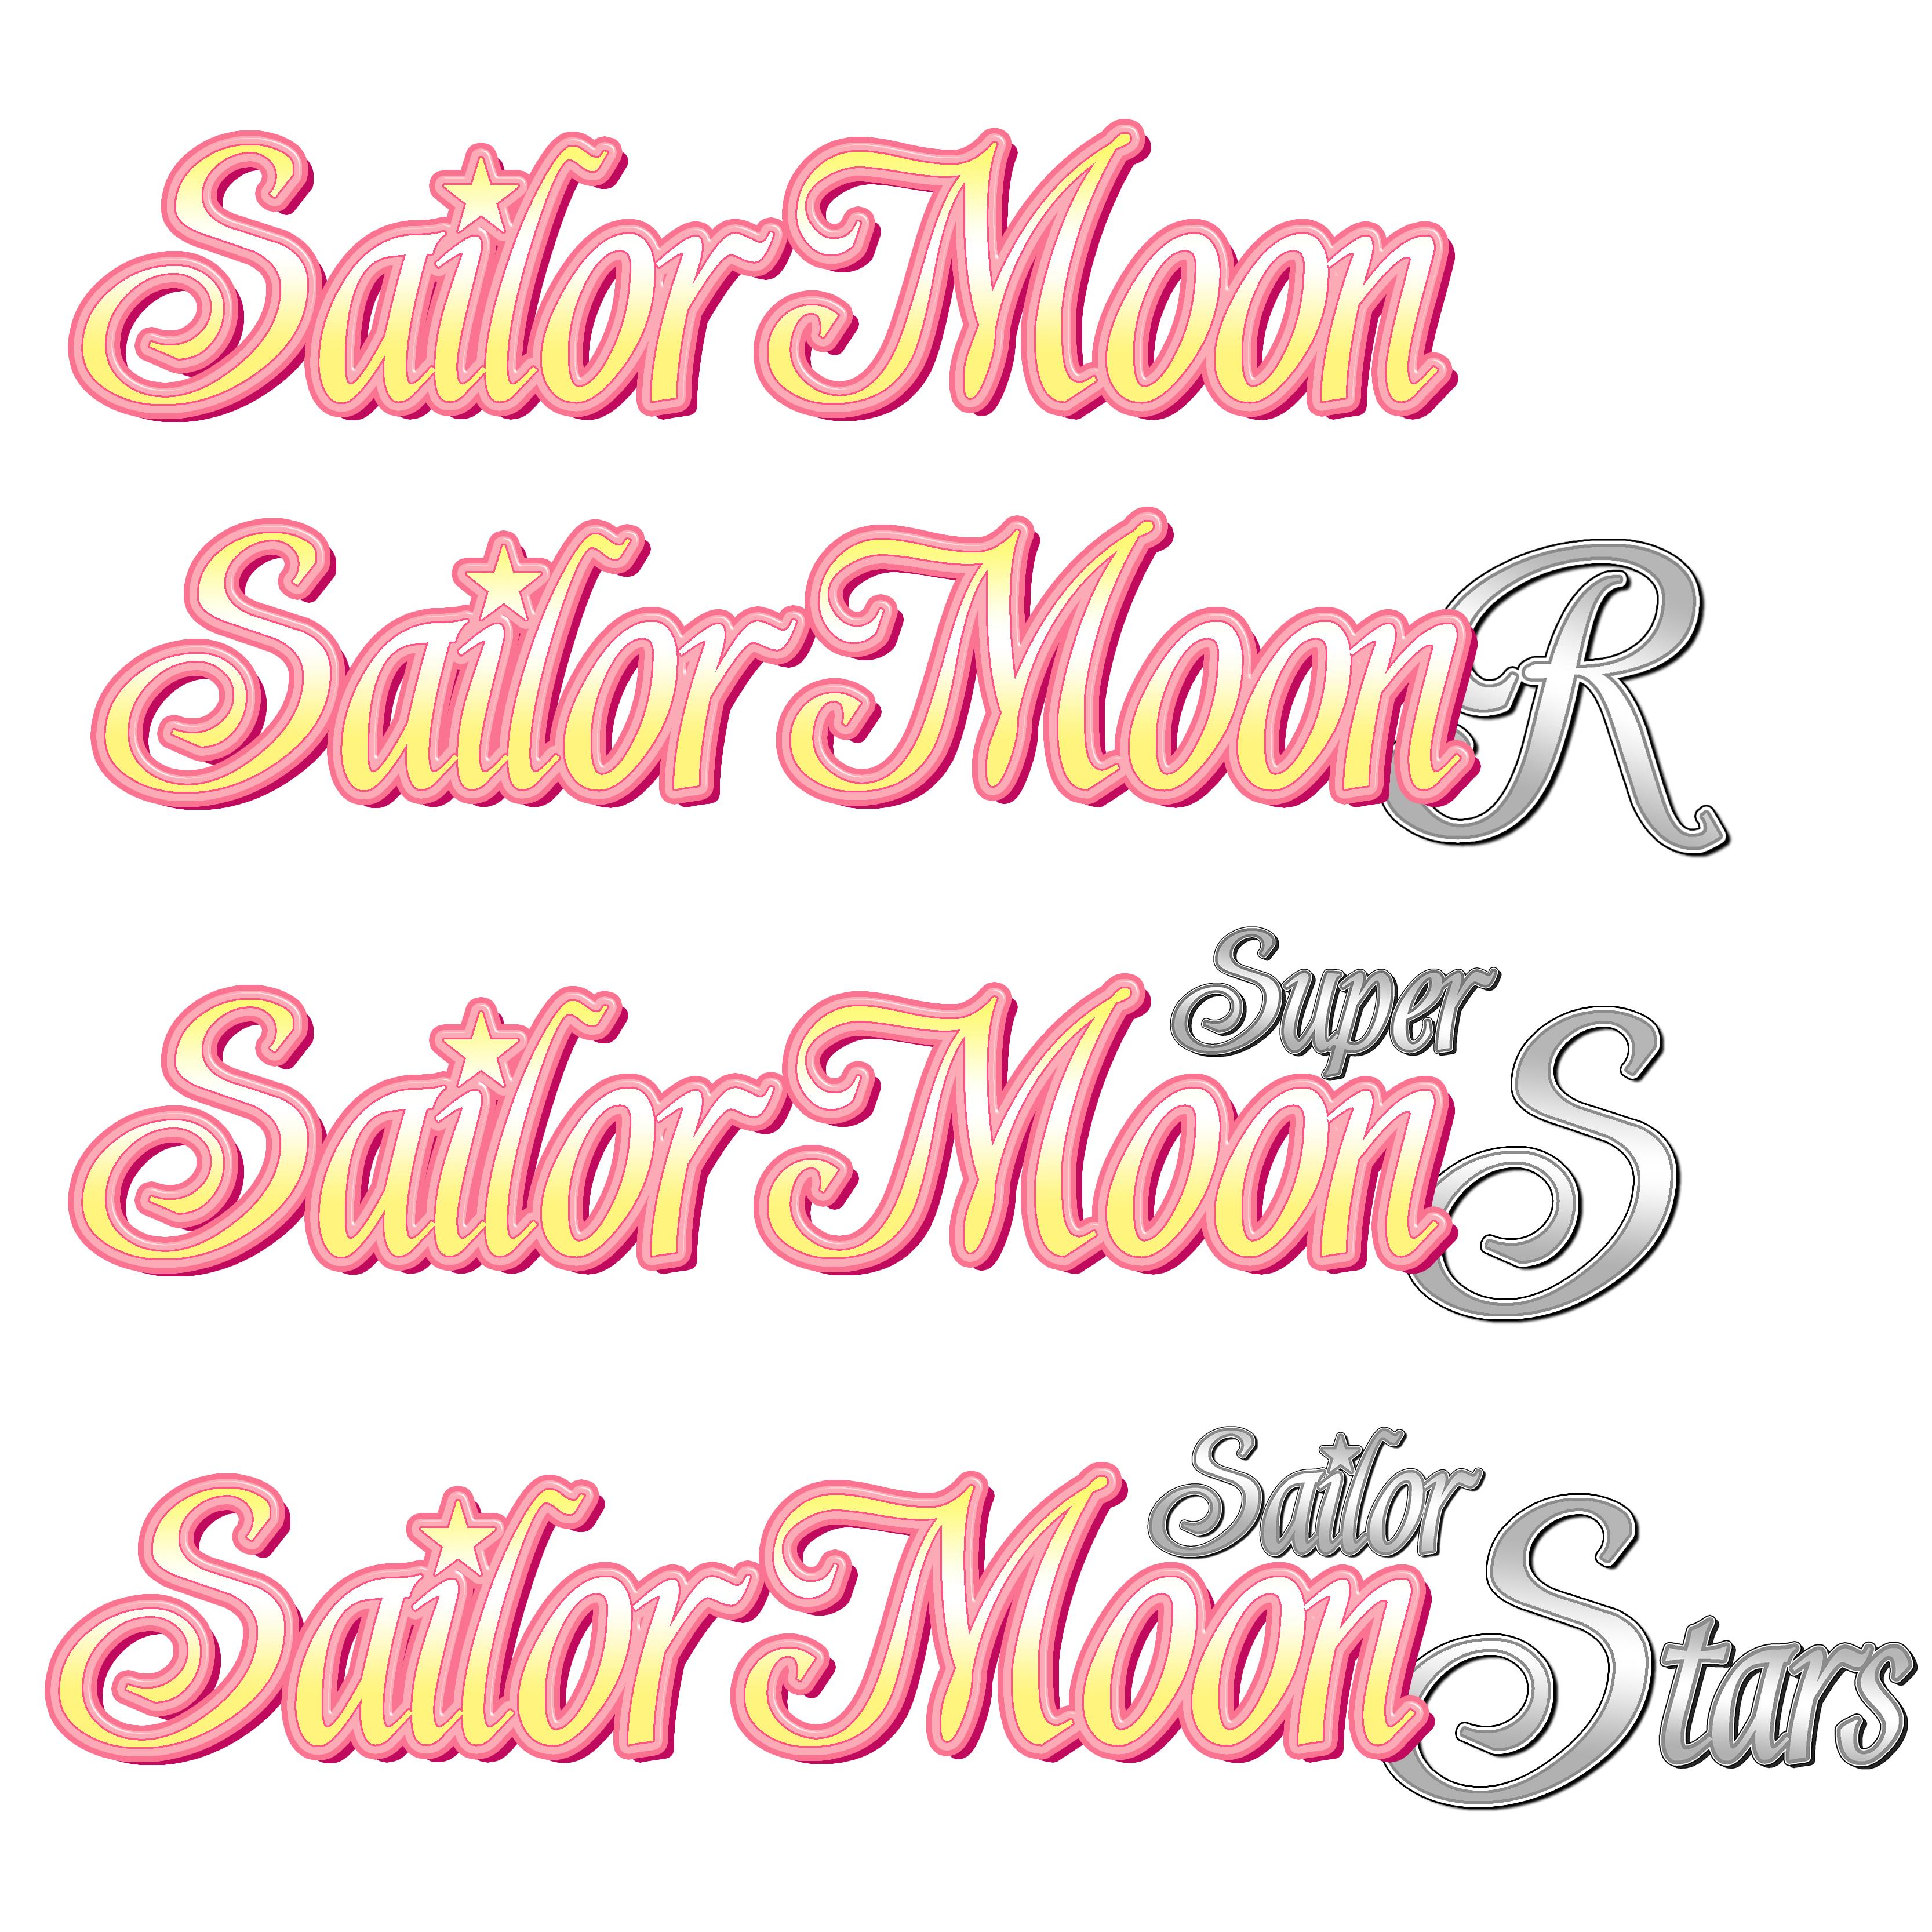 Italian Sailor Moon Logo Title by TsukiHenshin on DeviantArt